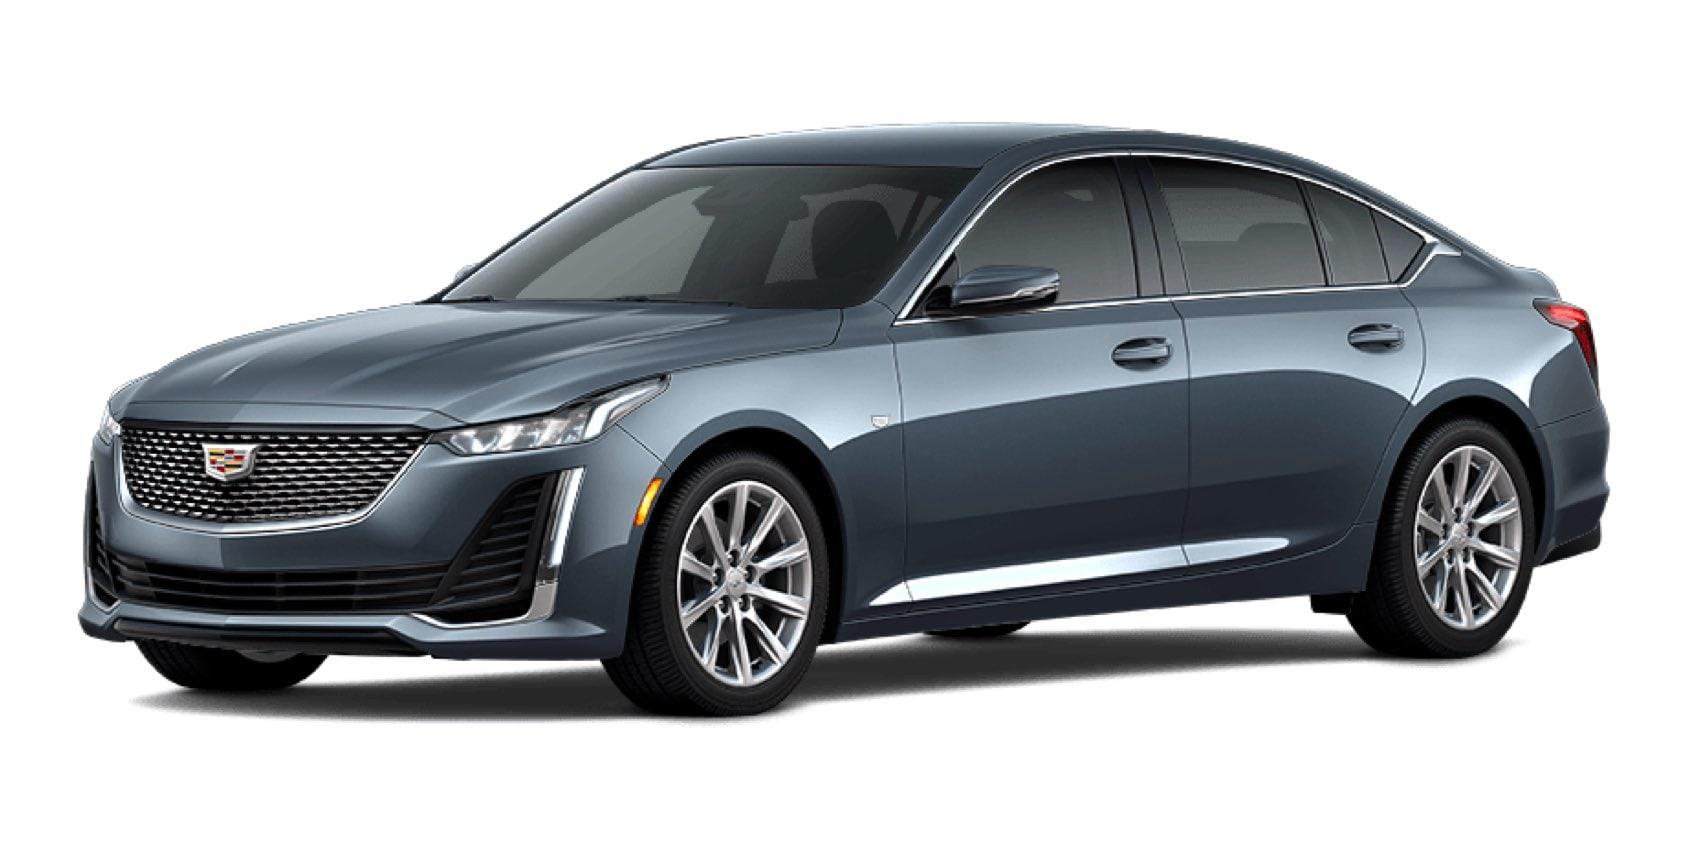 2021 Cadillac CT5 in Shadow Metallic